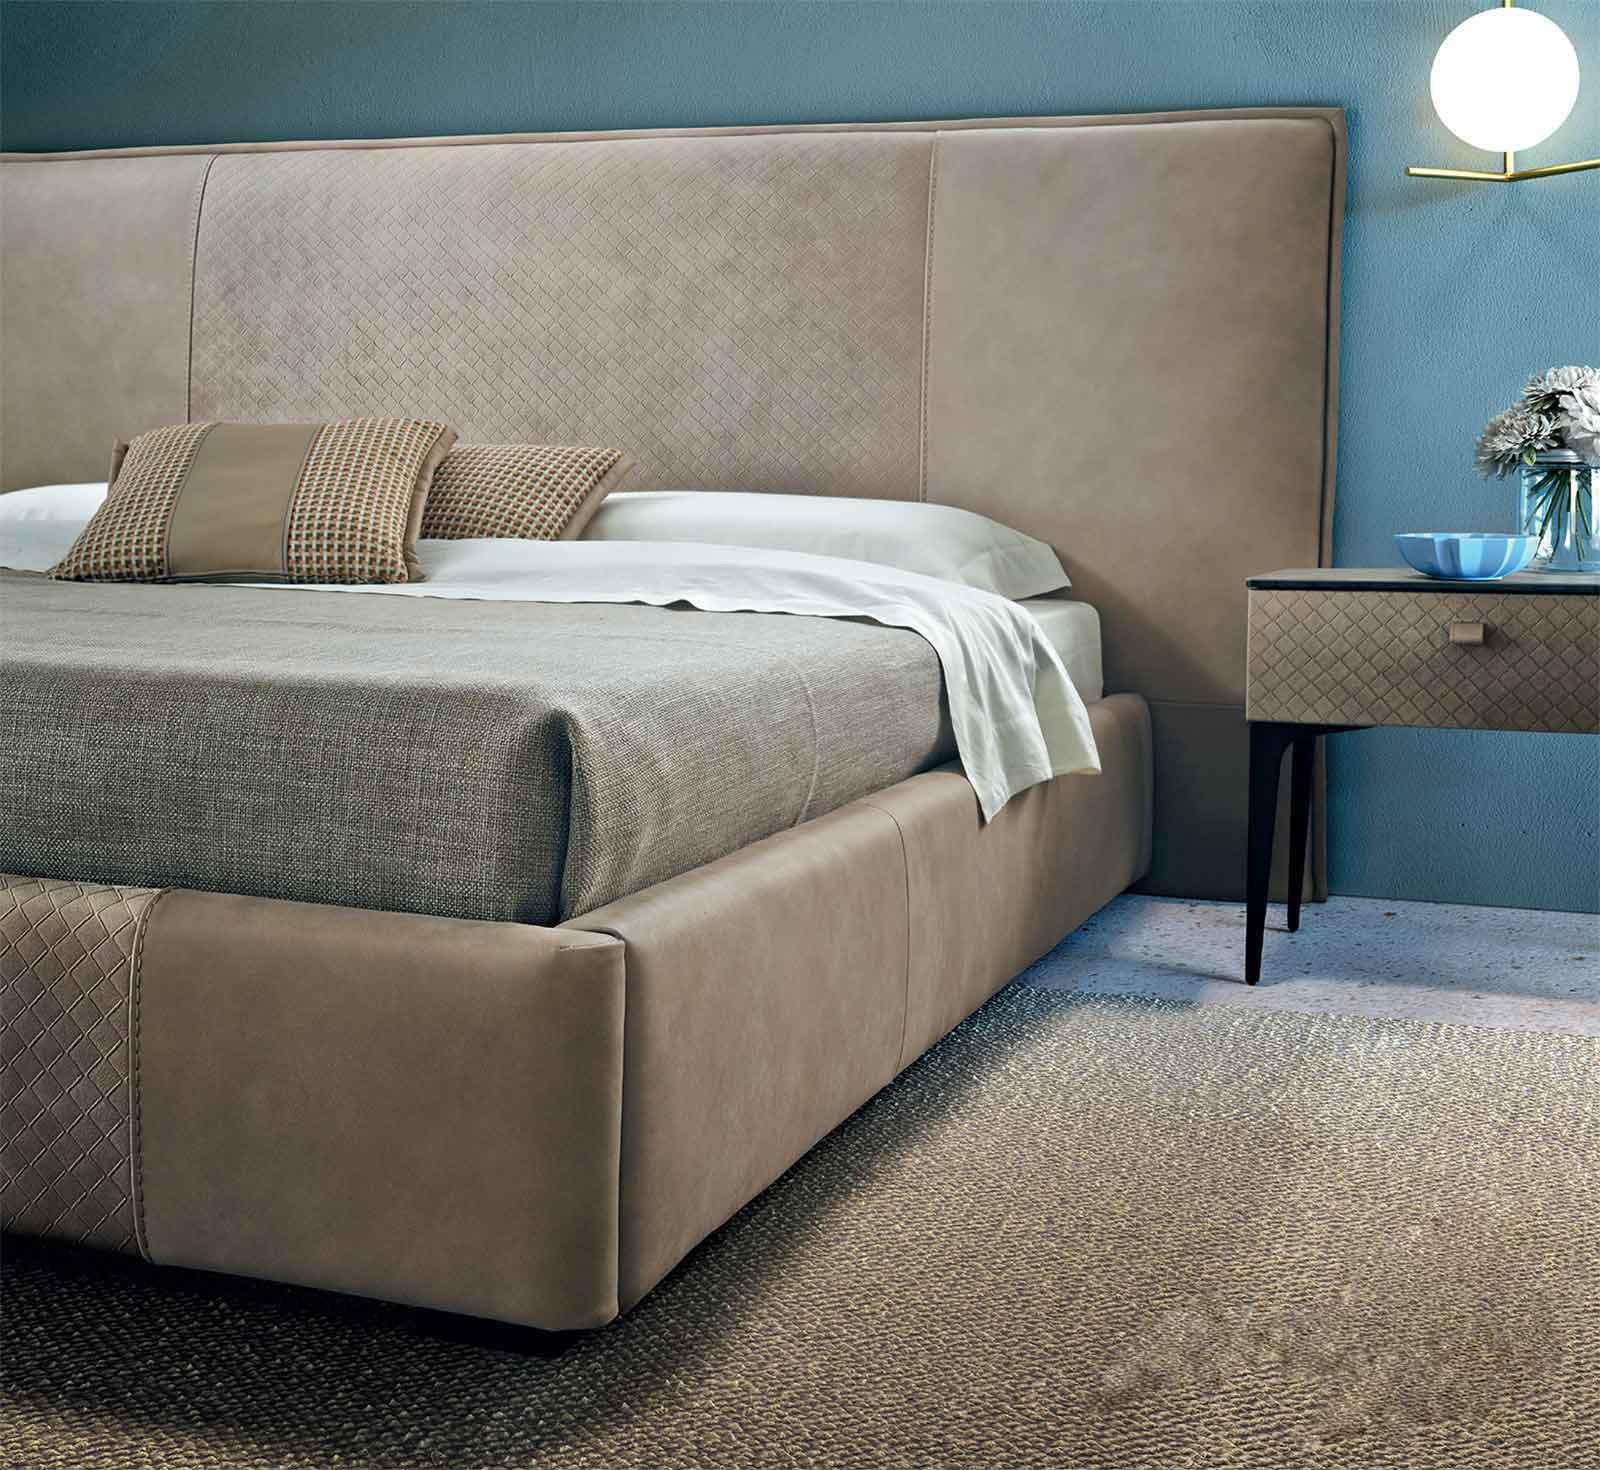 Lit en cuir made in italy, Tête de lit imposante. Vente en ligne d'ameublement haut de gamme artisanal made in italy. Livraison gratuite.